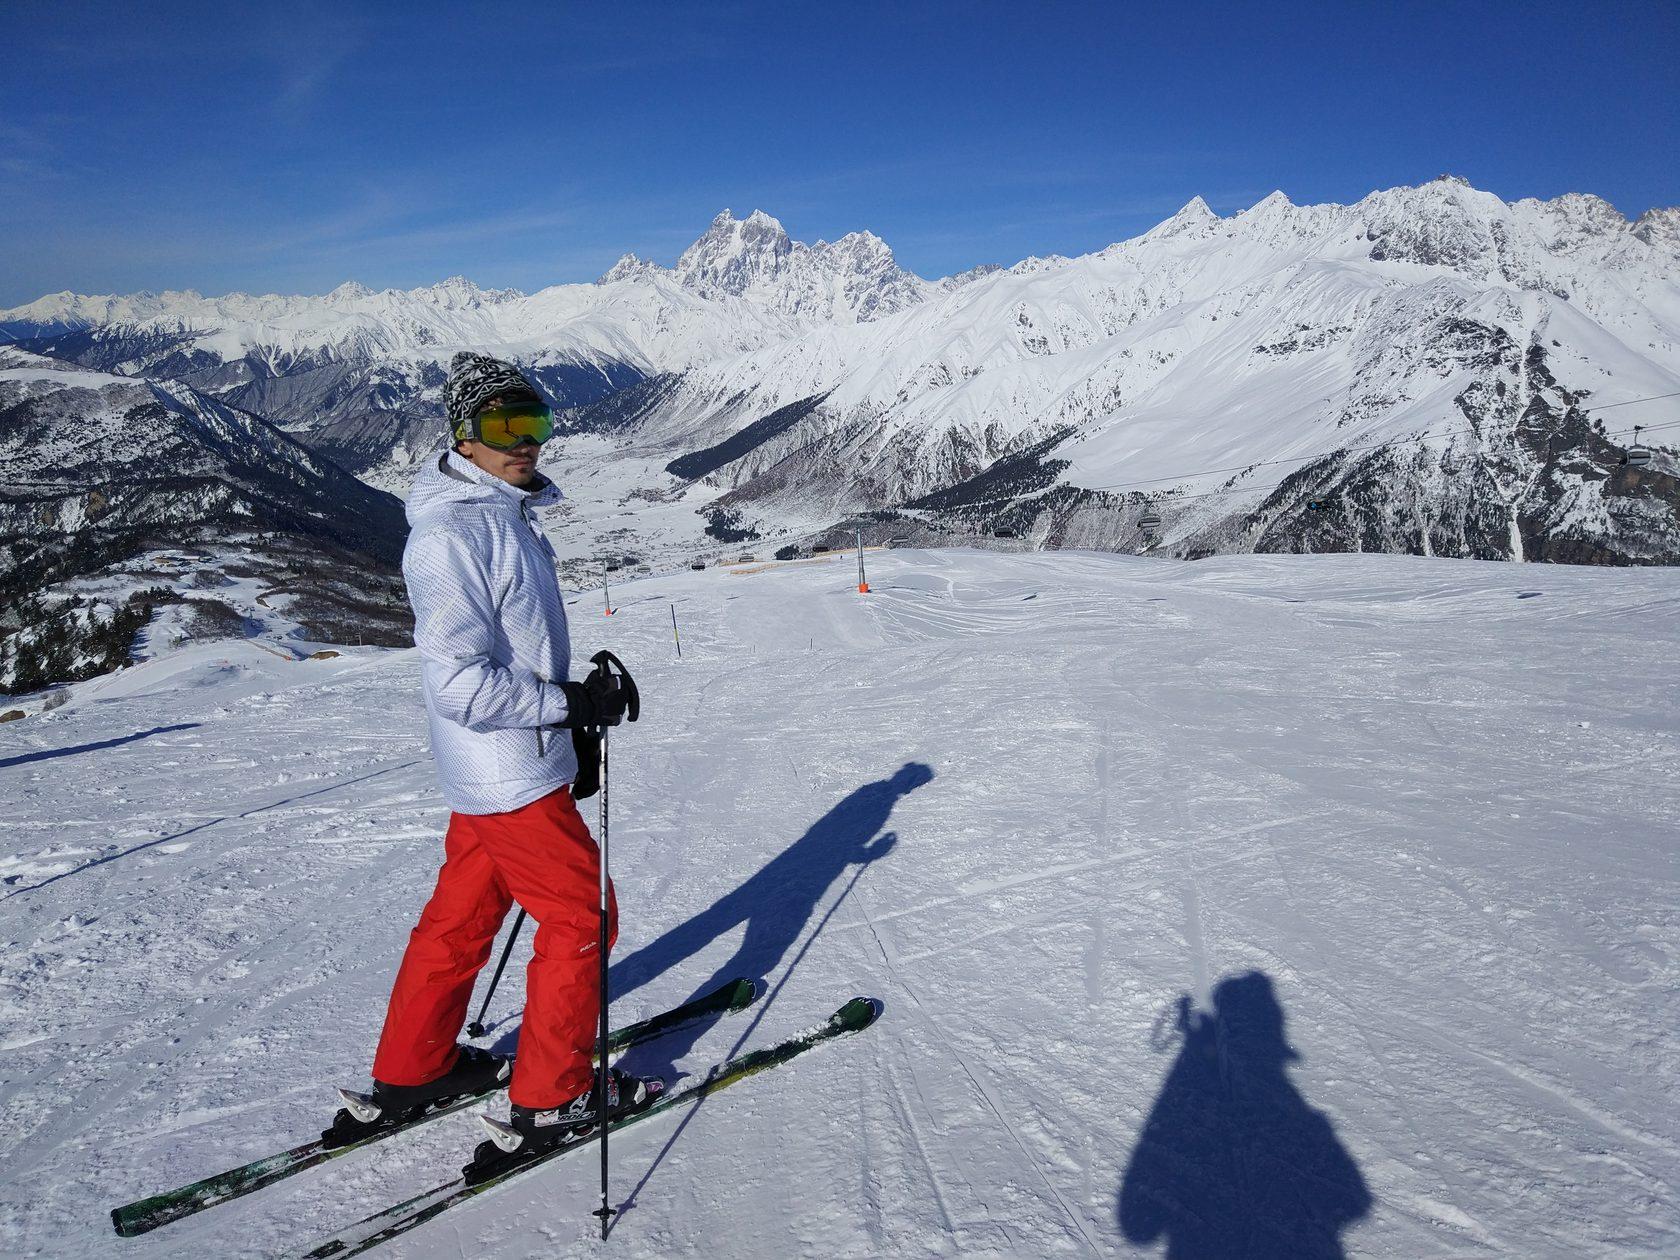 оценка регрессии бакуриани горнолыжный курорт фото лучше